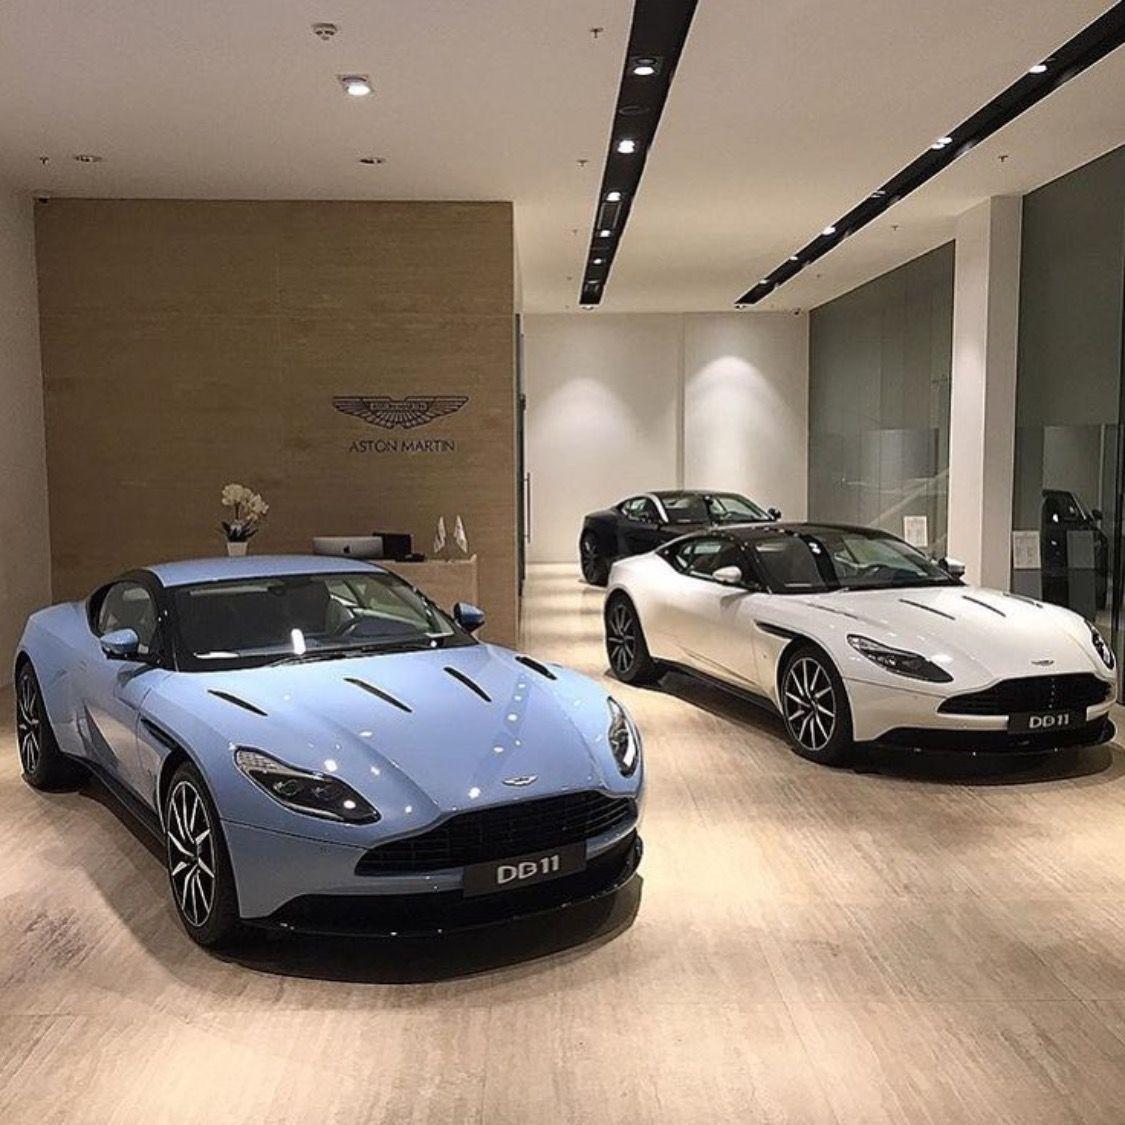 Exotic Car Brands >> Aston Martin Db11 X 2 Aston Martin Db11 Aston Martin